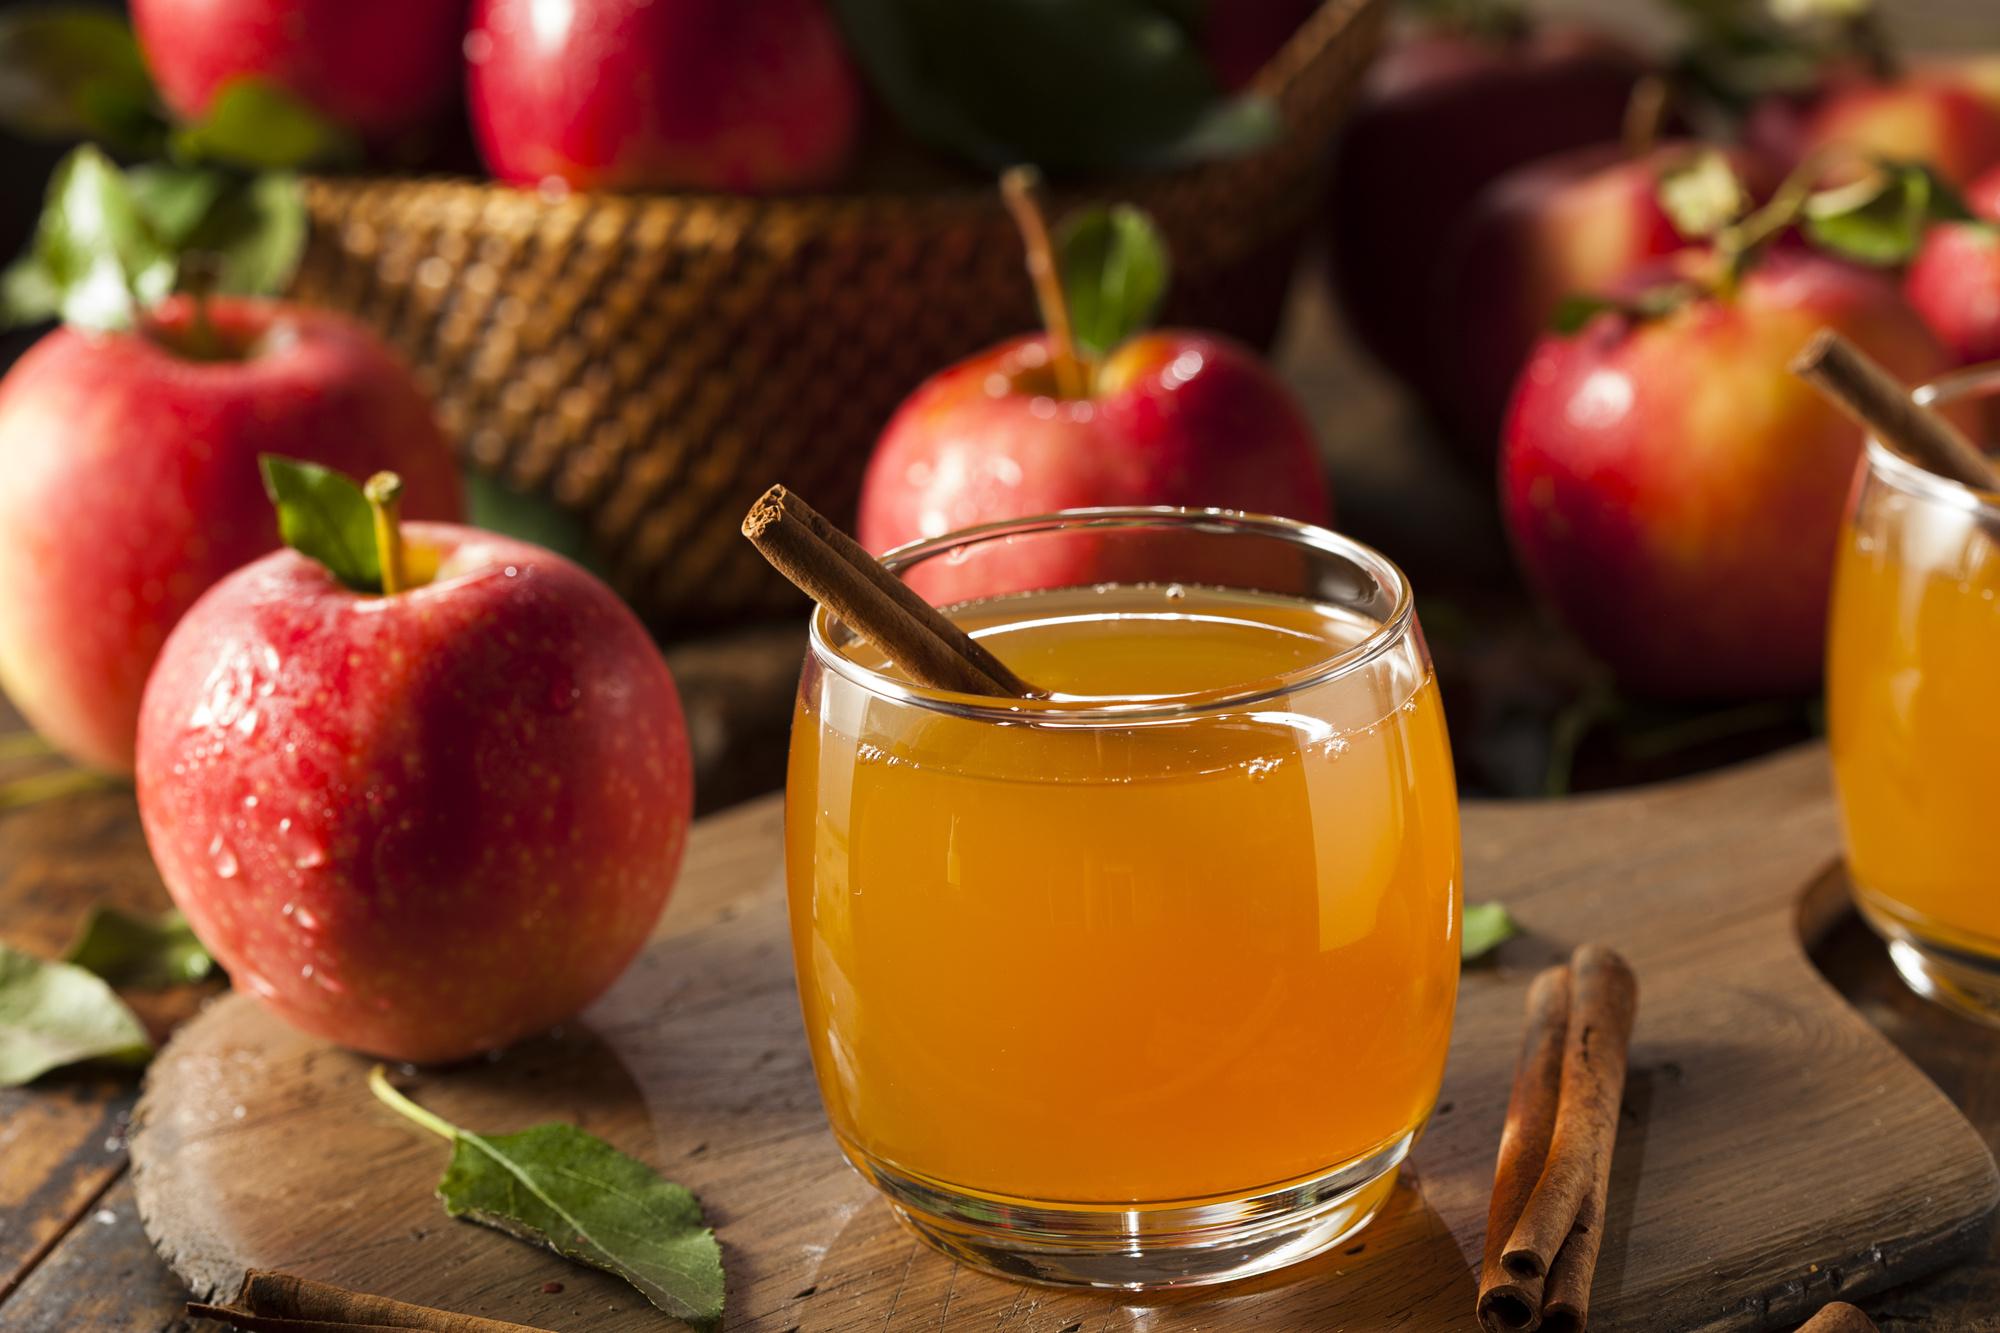 Berapa Takaran Cuka Apel Untuk Menurunkan Berat Badan?